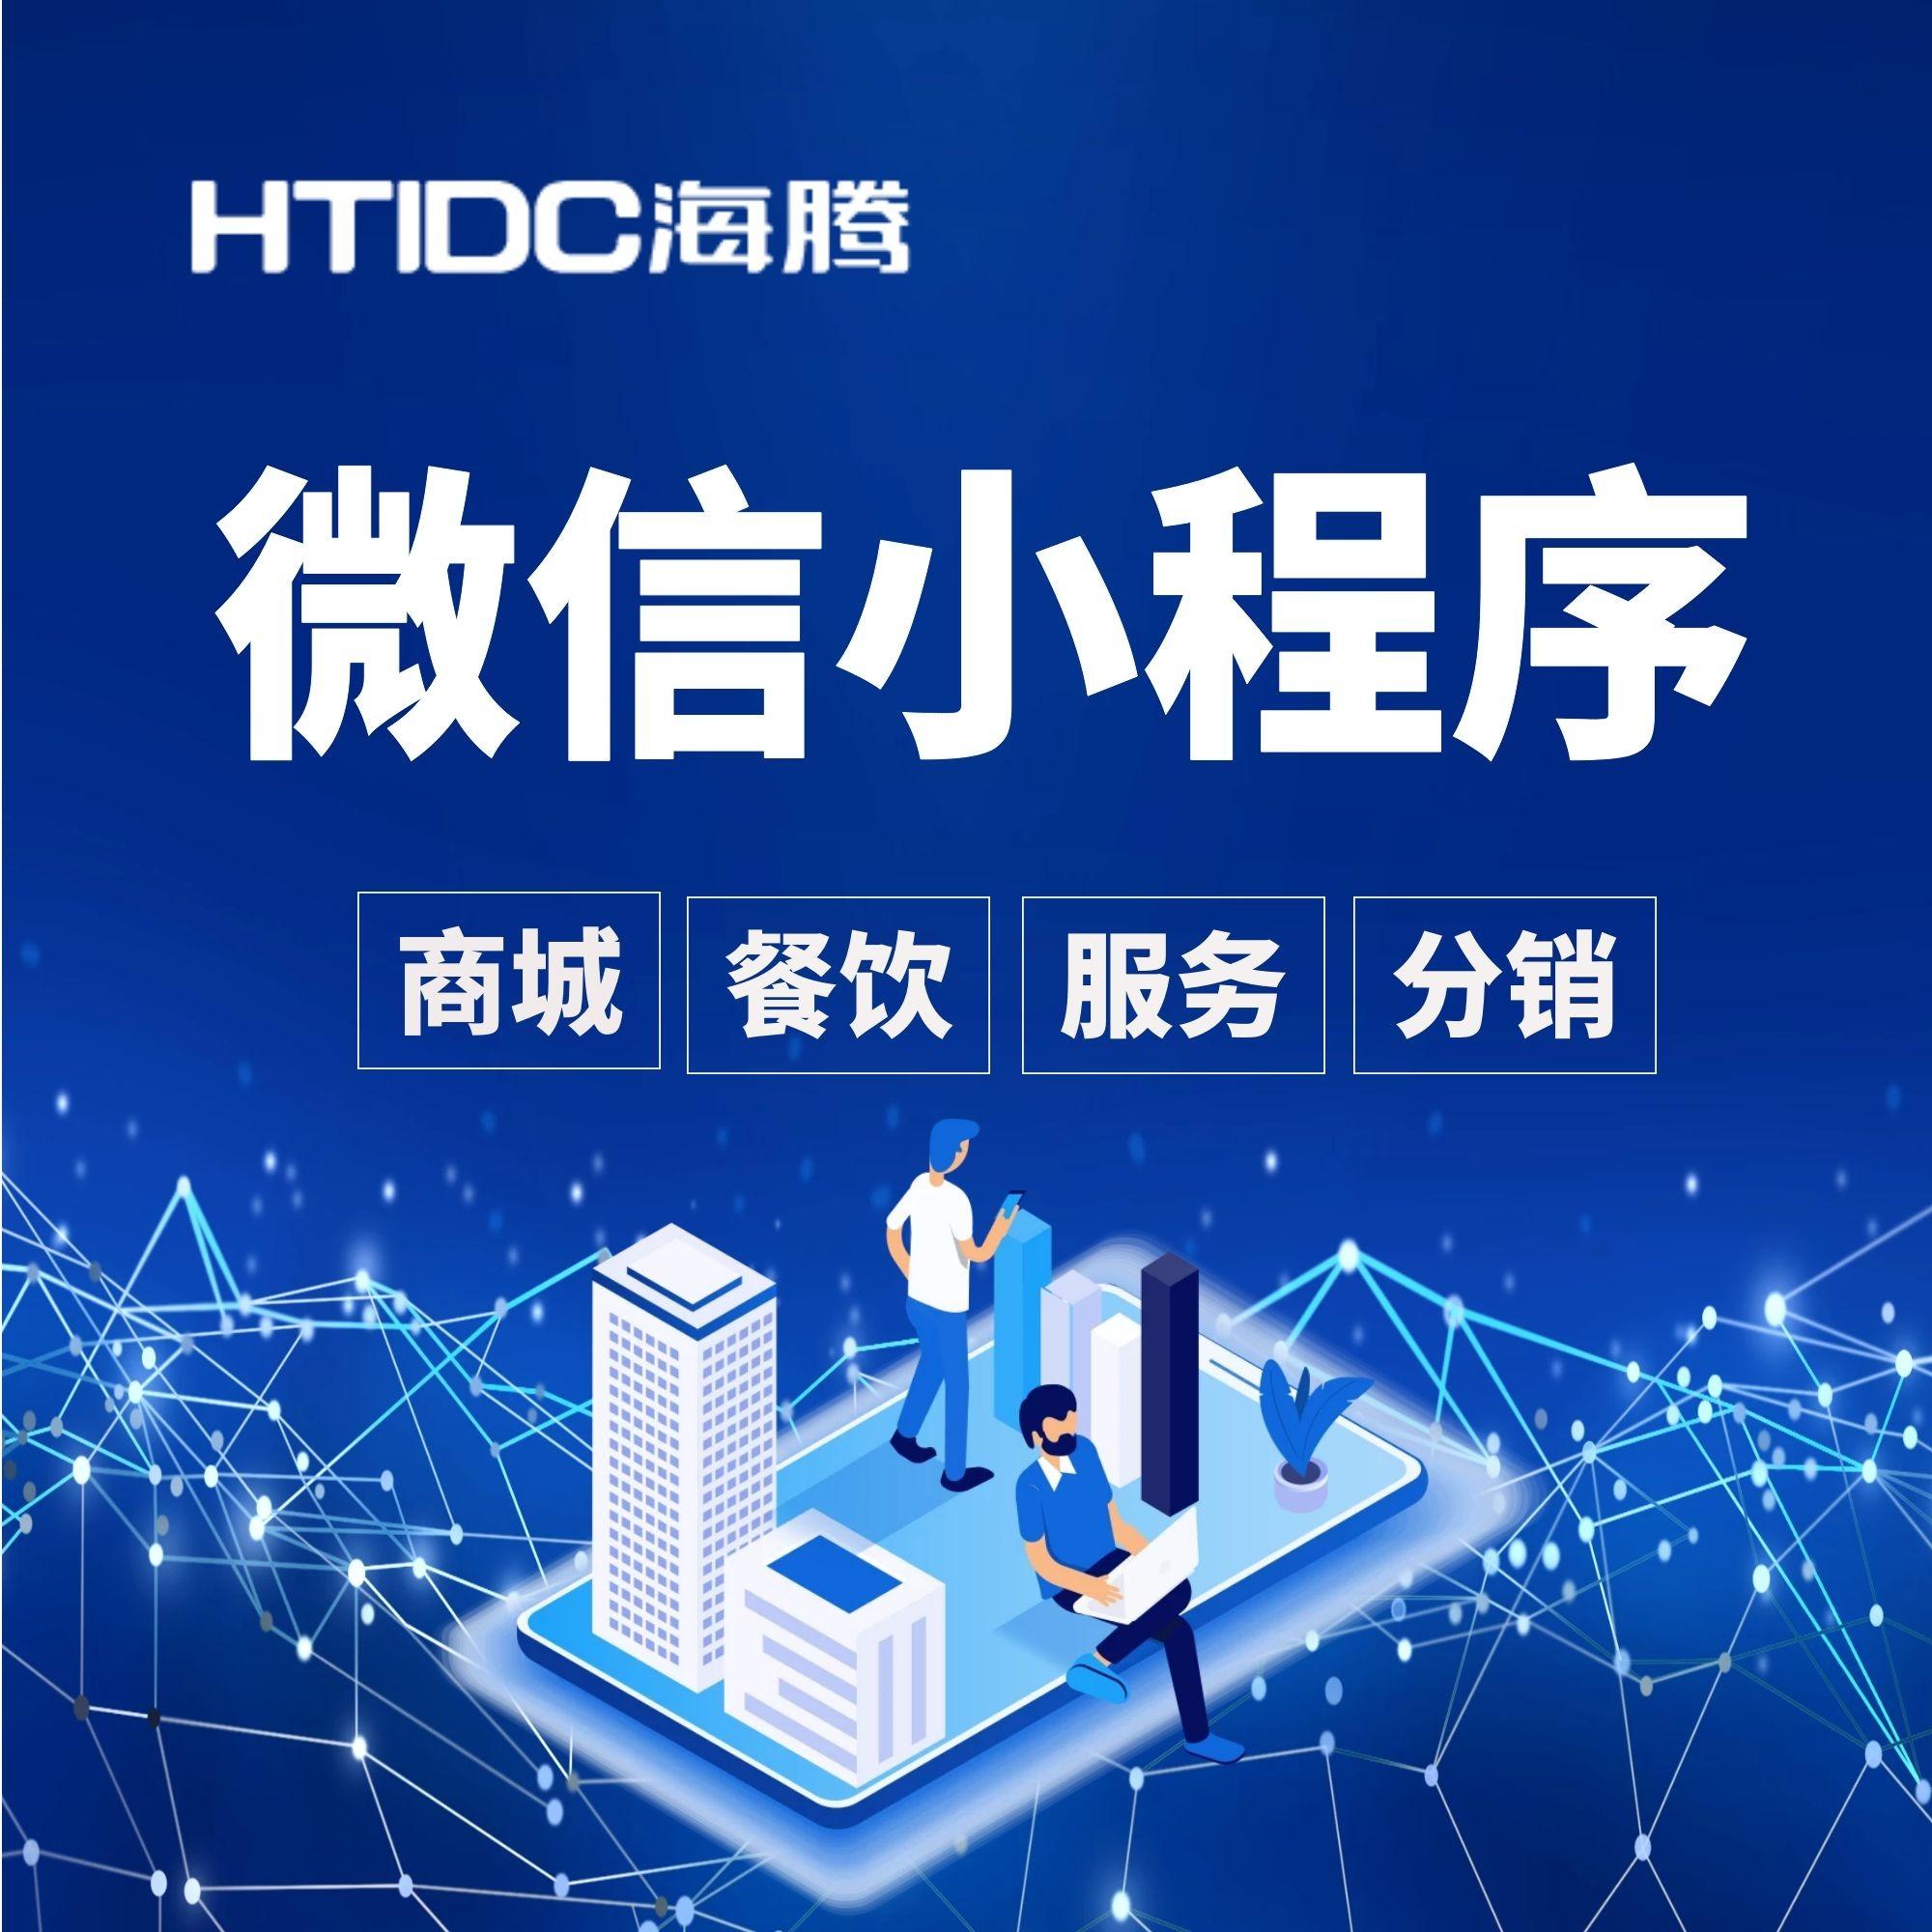 【微信小程序】开发 高端多功能小程序开发 微信智能小程序开发